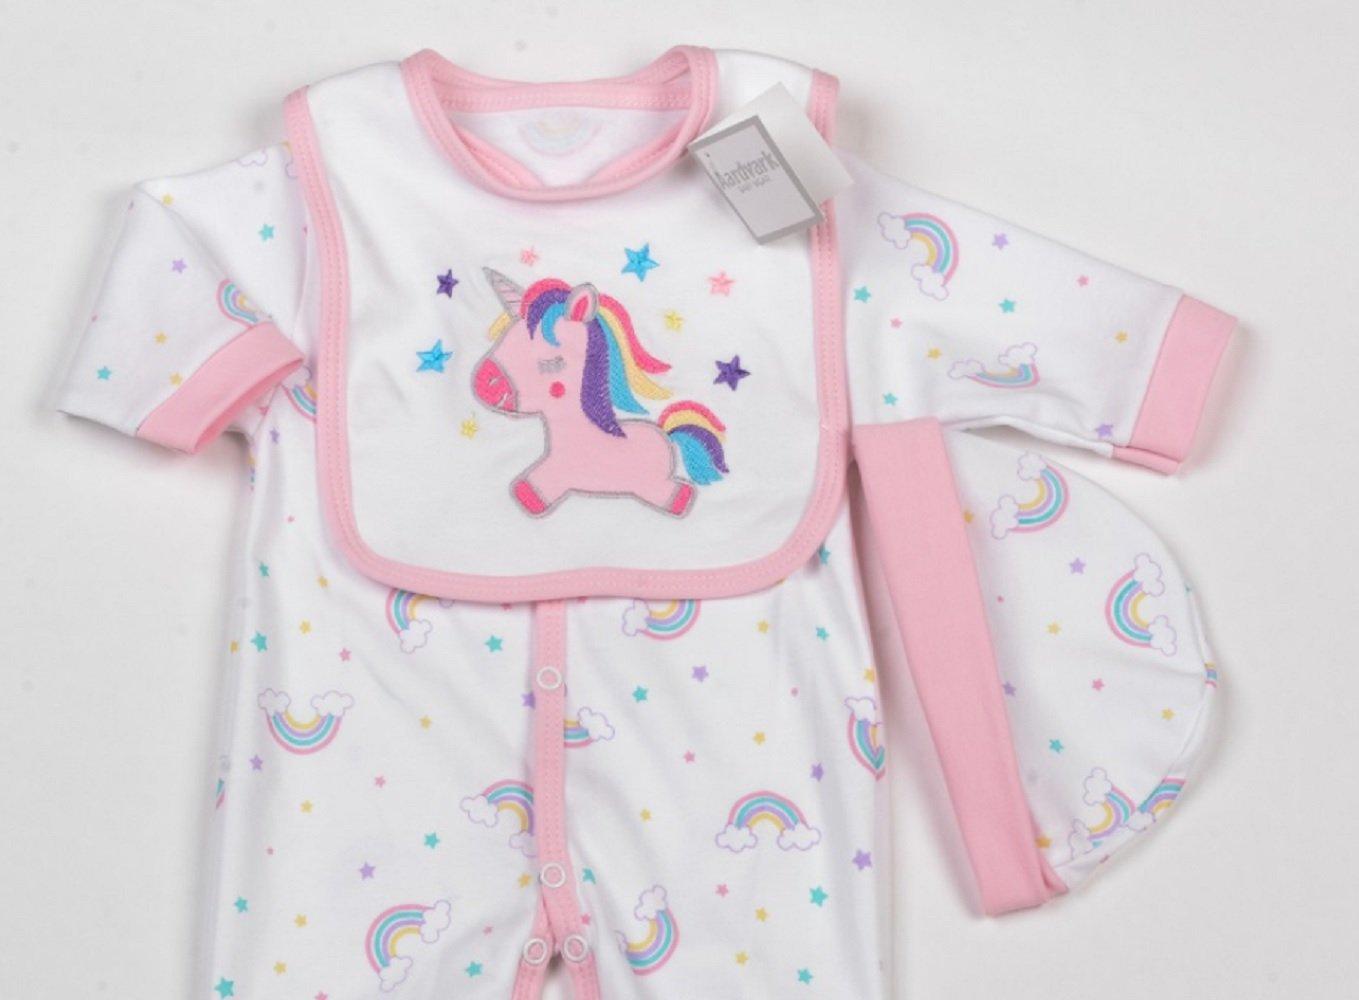 1519107a5fdb8 Bébé Fille Rainbows et licorne layette - Vêtements Ensemble cadeau (6-9 mois)   Amazon.fr  Bébés   Puériculture